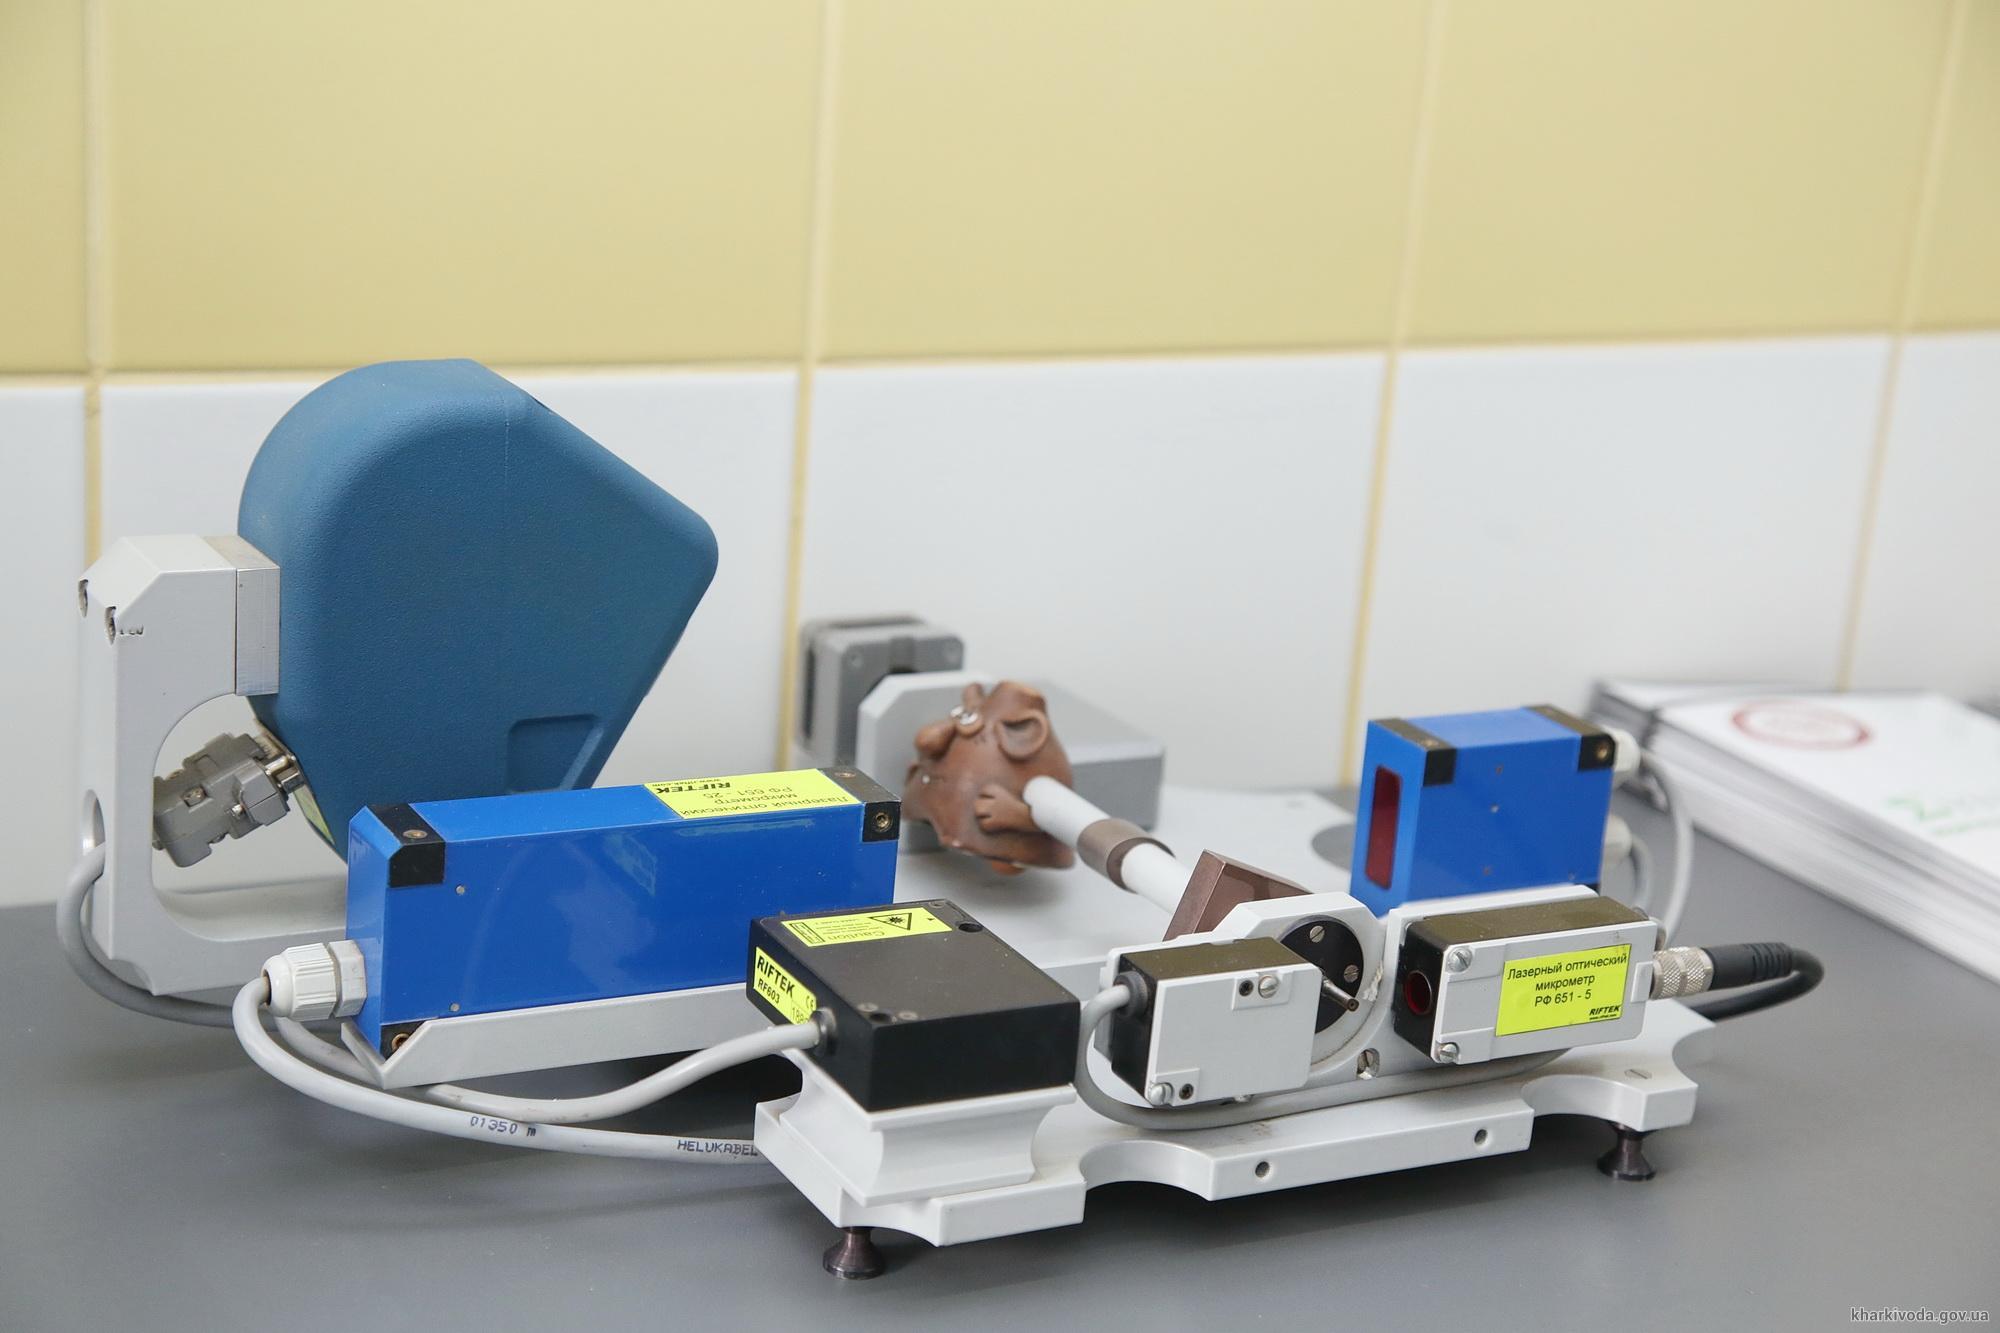 В Харькове презентовали уникальный центр 3D систем. Пока что аналогов в Украине нет